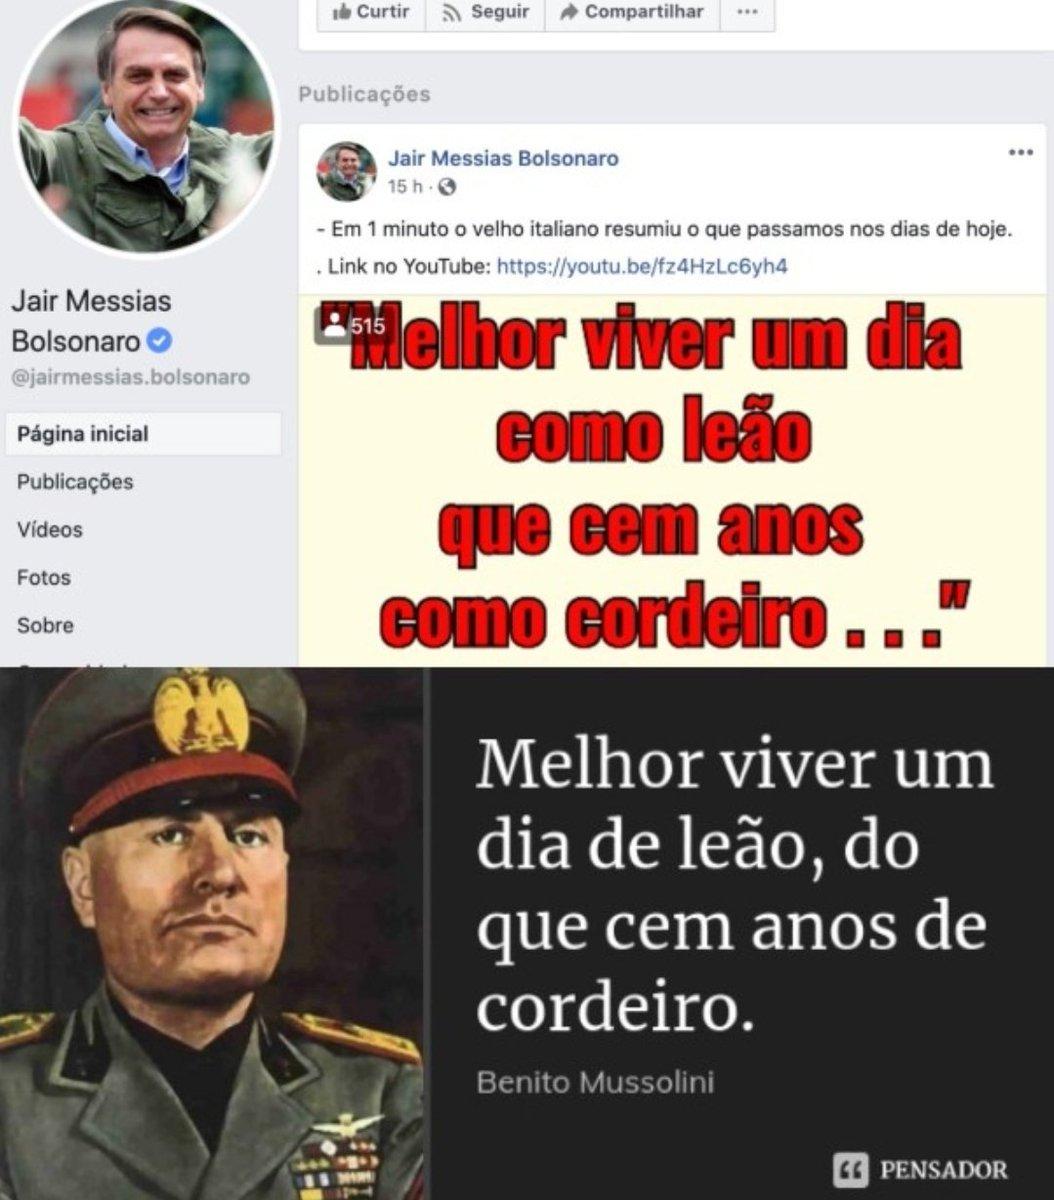 Bolsonaro não é cordeiro e muito menos leão. É um rato que quer mergulhar o país no esgoto do fascismo. As máscaras caíram. Nunca um golpe foi tão abertamente anunciado. Cabe a nós democratas, unidos, derrotarmos esse fascista aspirante a ditador. Somos maiores e mais fortes.